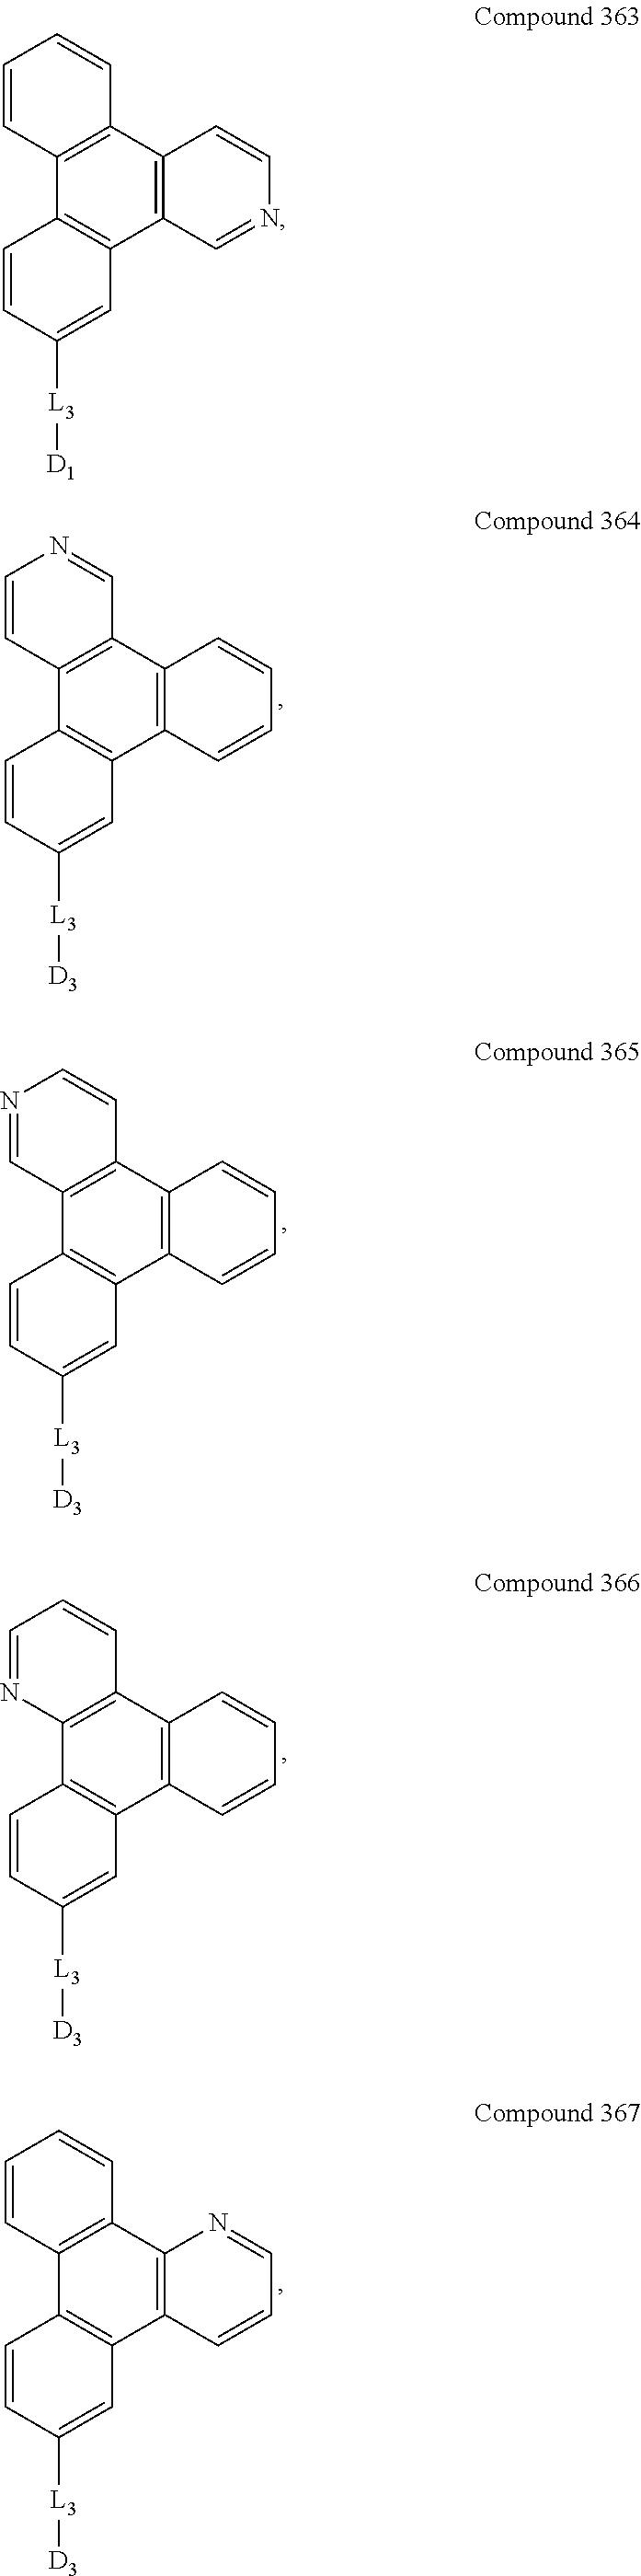 Figure US09537106-20170103-C00637